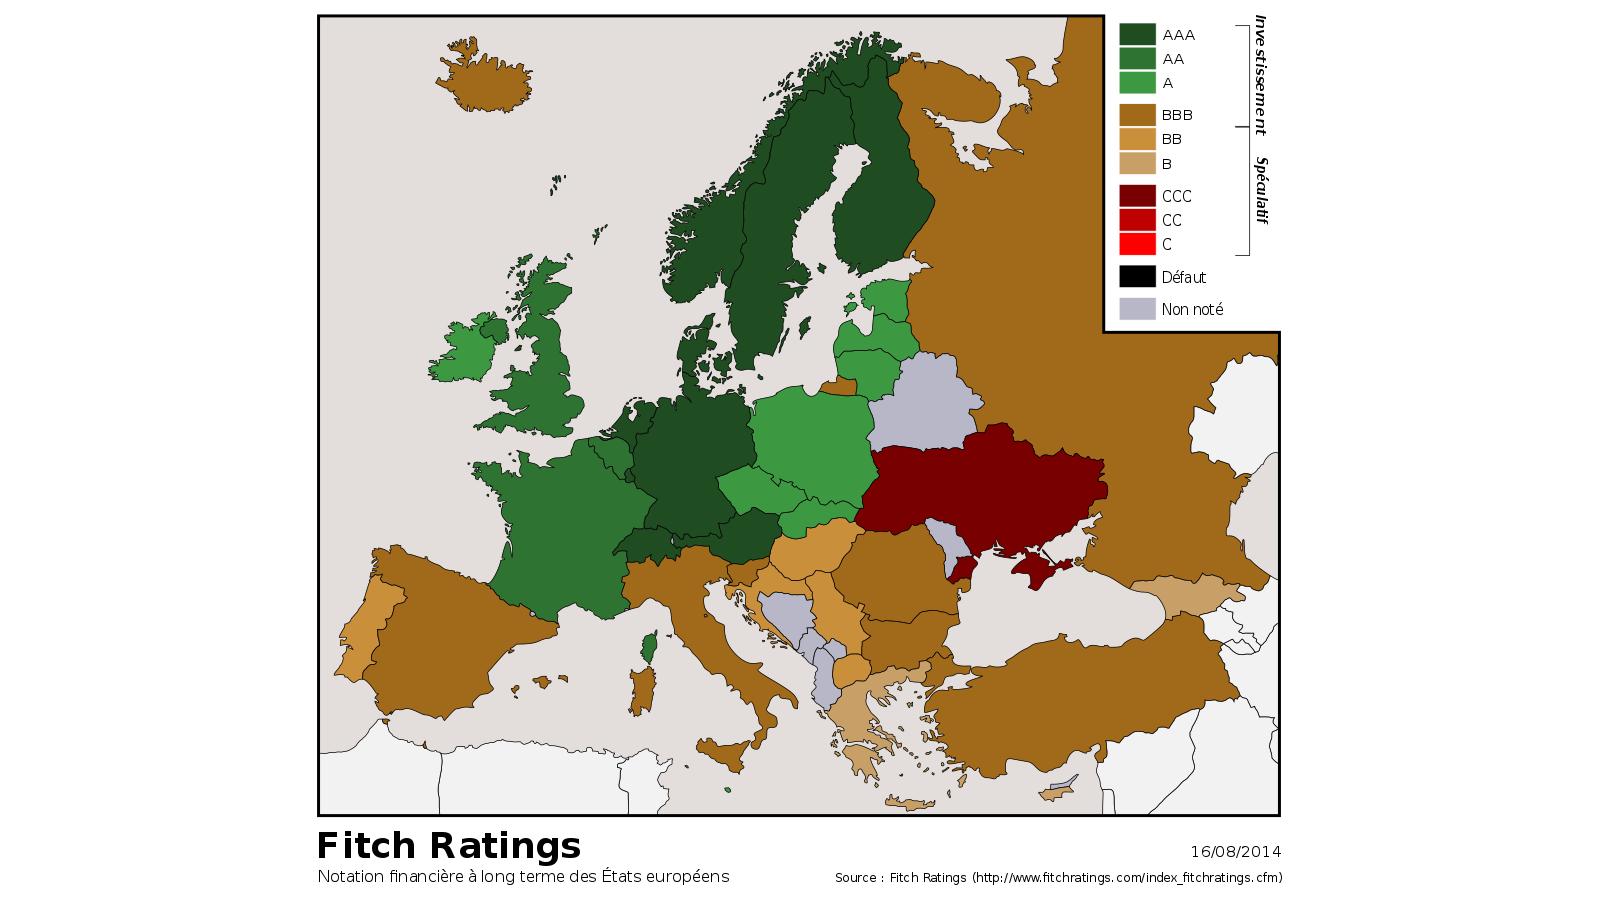 Fitch miért tartják sokan Ausztriában a megtakarításukat pénzügyi fitnesz